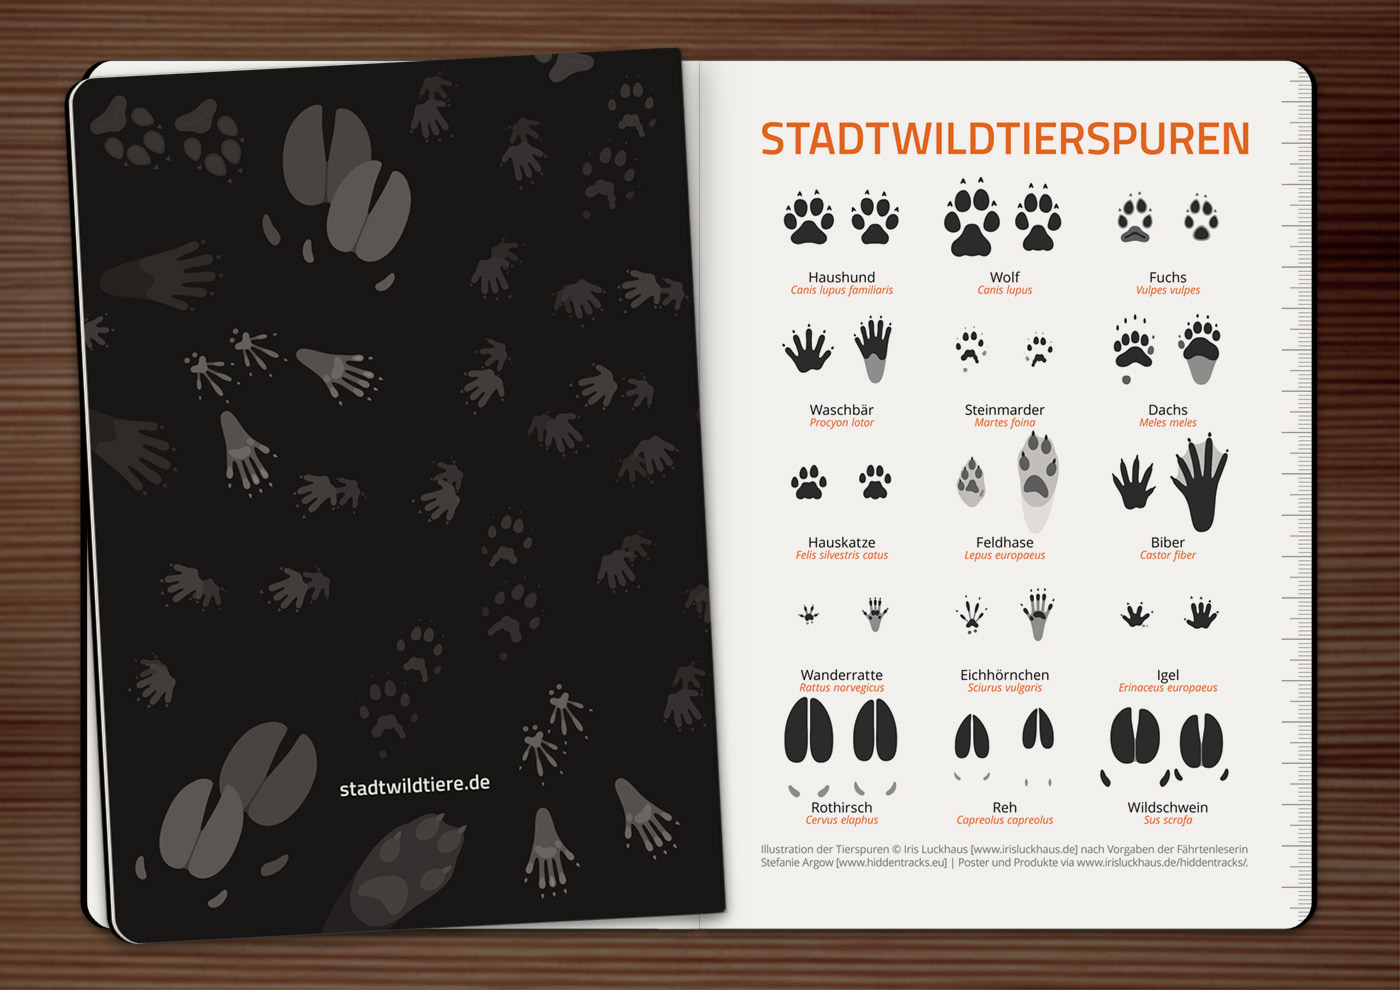 Notizheft mit einer Infografik bzw. Schautafel der Tierspuren bzw. Trittsiegel und Fährten von Hund, Wolf, Fuchs, Waschbär, Marder, Dachs, Katze, Hase, Biber, Ratte, Eichhörnchen, Igel, Rothirsch und Wildschwein von Iris Luckhaus und HiddenTracks für Stadtwildtiere